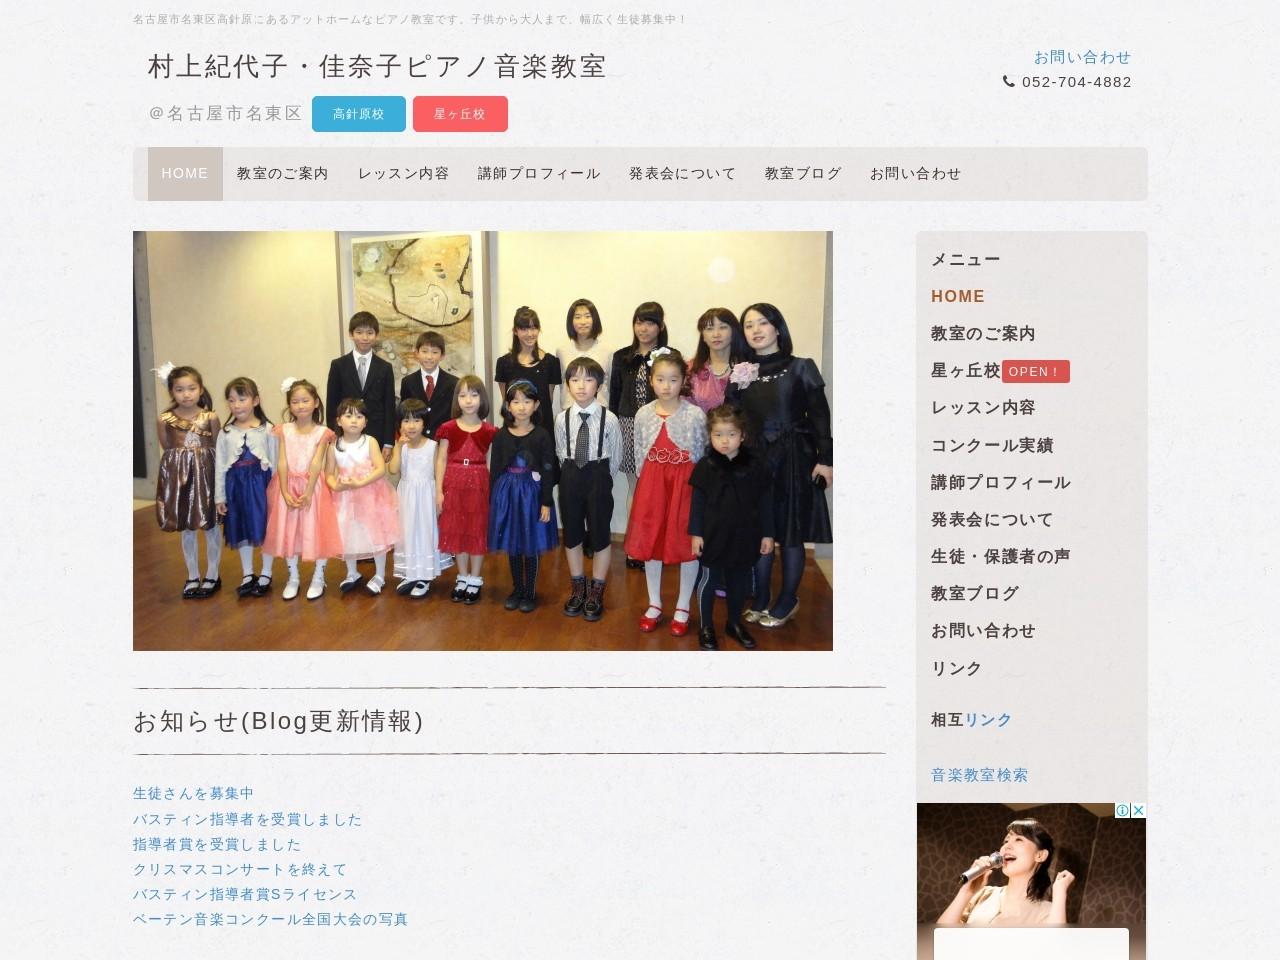 村上紀代子・佳奈子ピアノ音楽教室のサムネイル